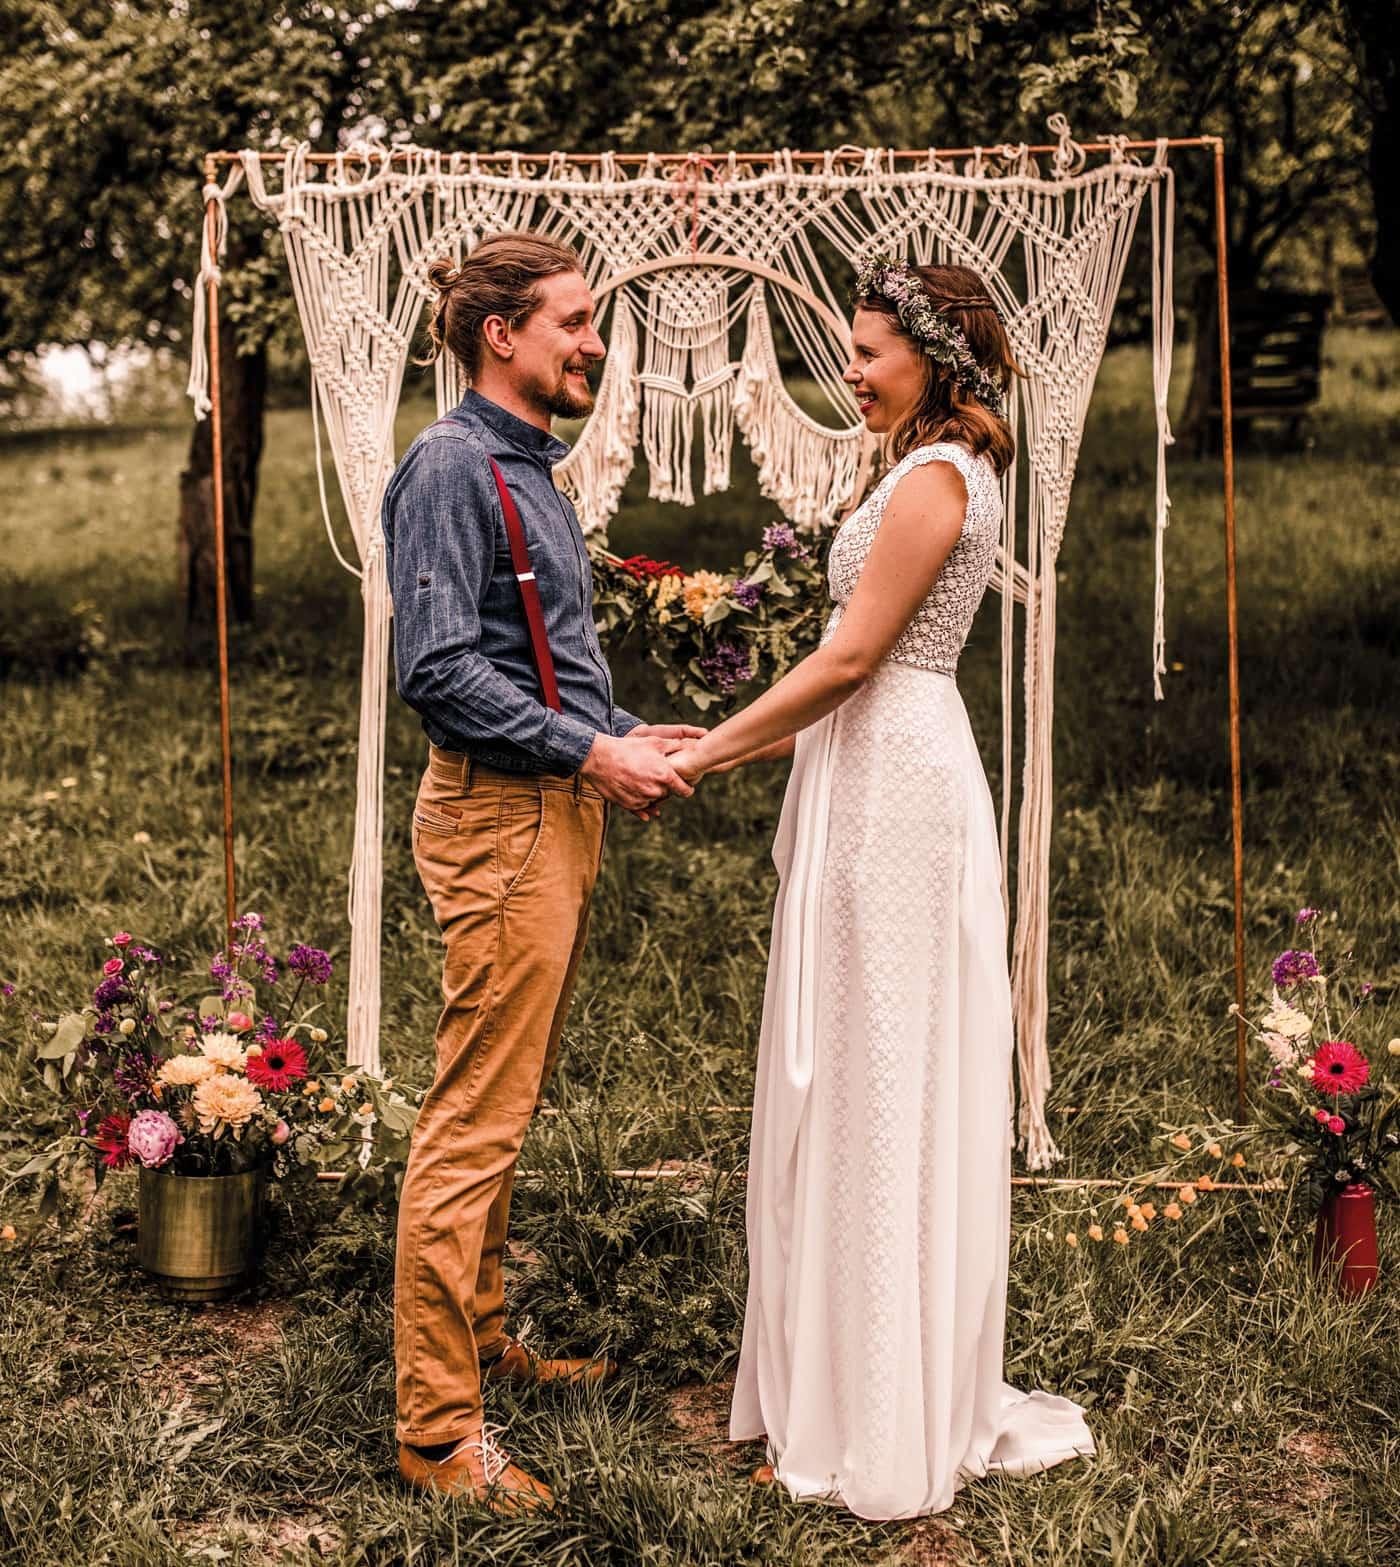 Familienfeiern: Hochzeiten, Taufen, runde Geburtstage mit Kindern feiern // HIMBEER